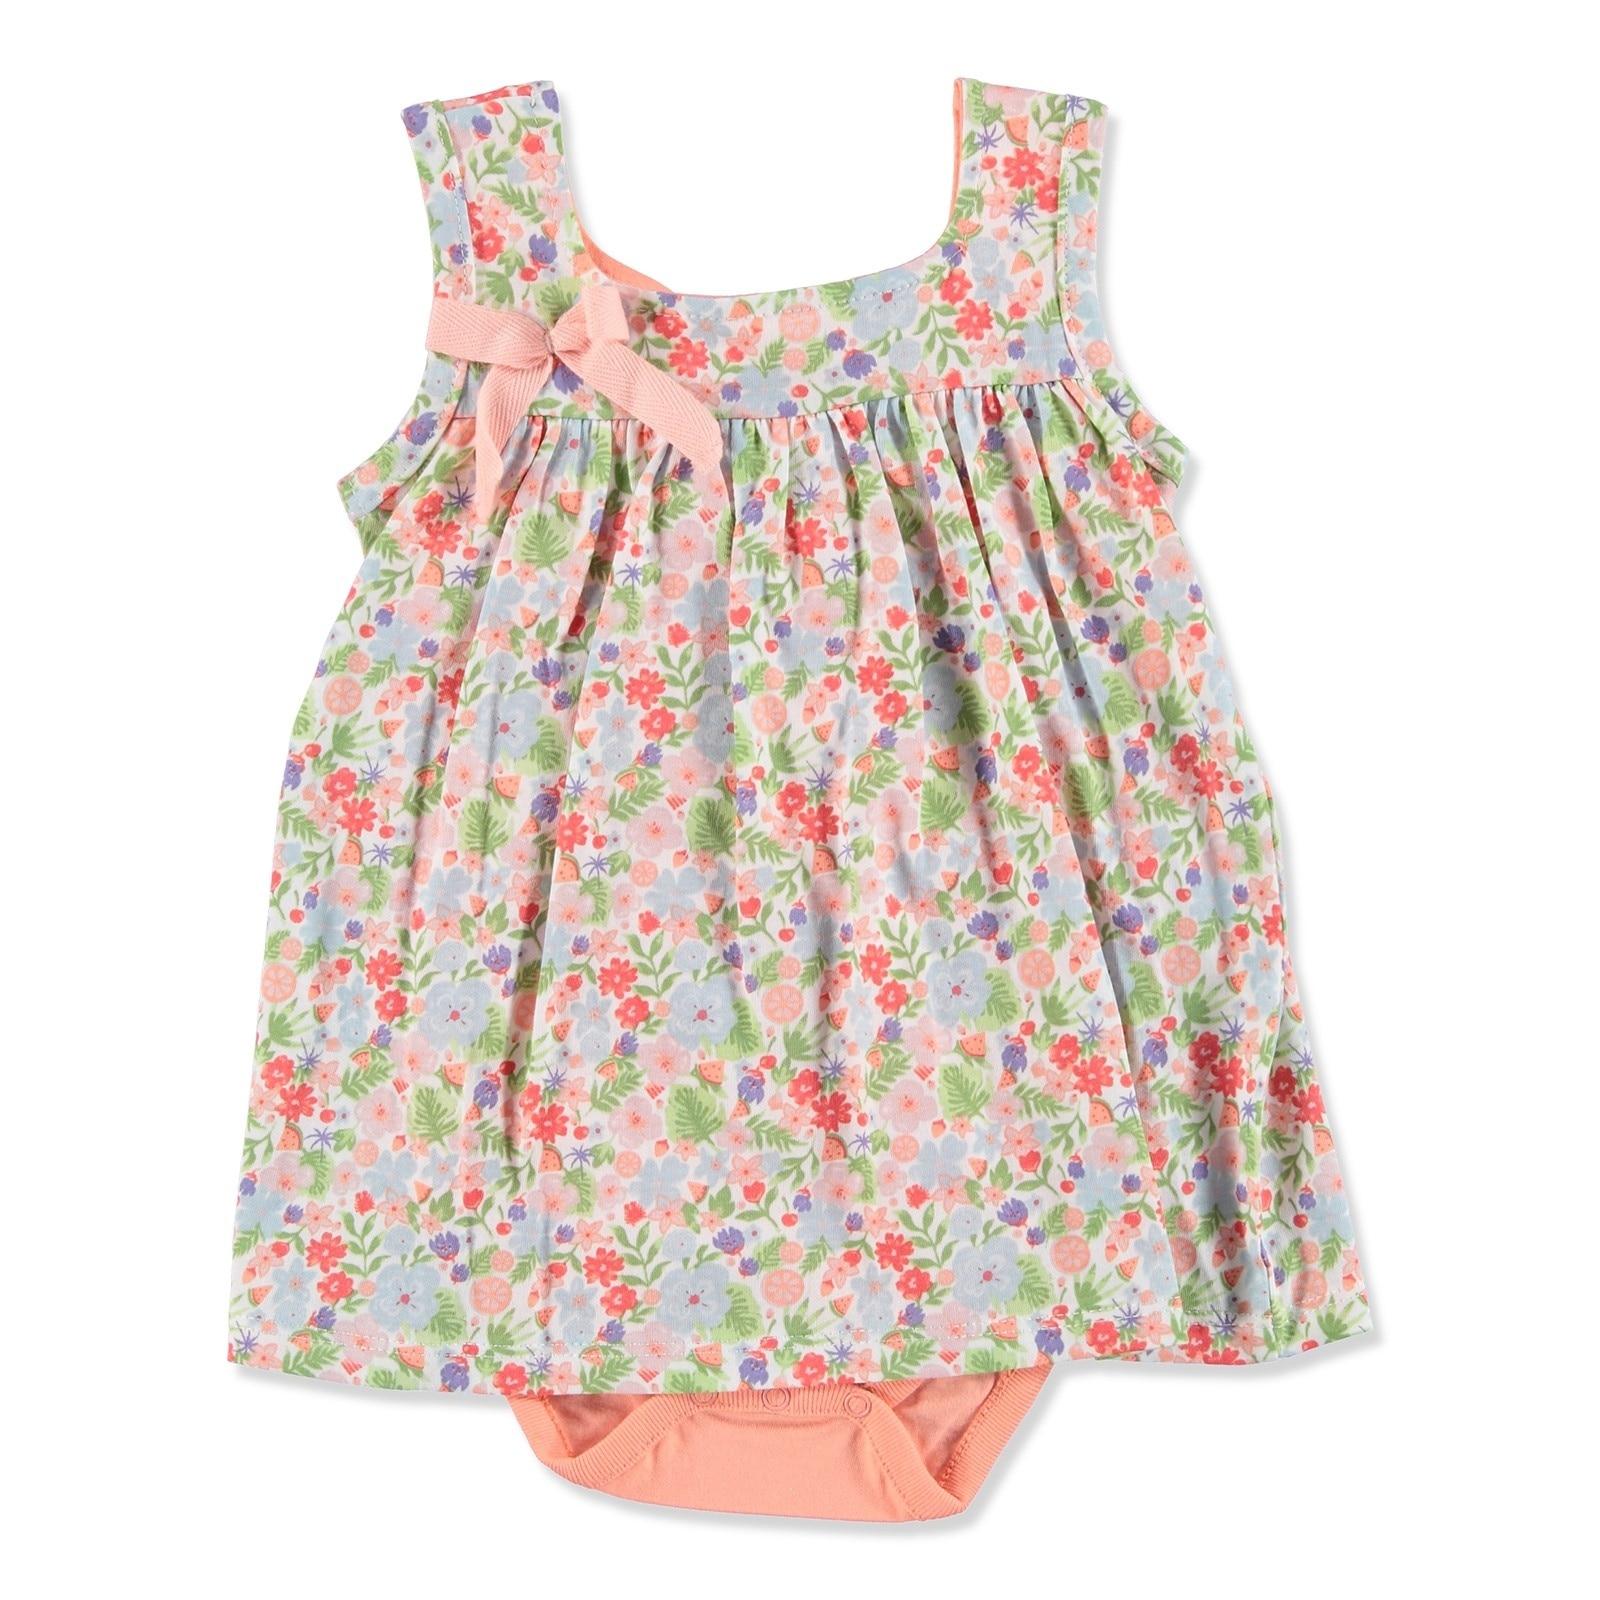 Ebebek Newborn Fashion Club Tropical Summer Baby Girl Dress Bodysuit